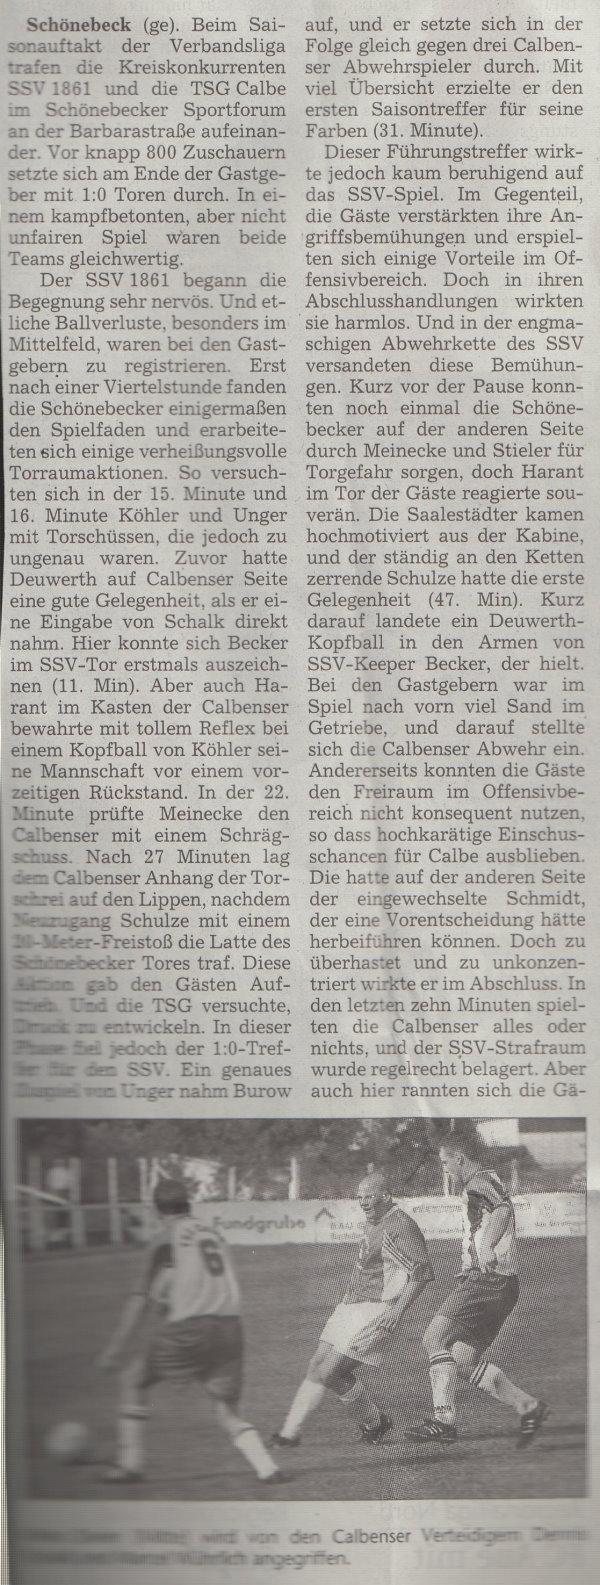 Volksstimme-Artikel zum Spiel vom 12. August 2000 (Teil 1).